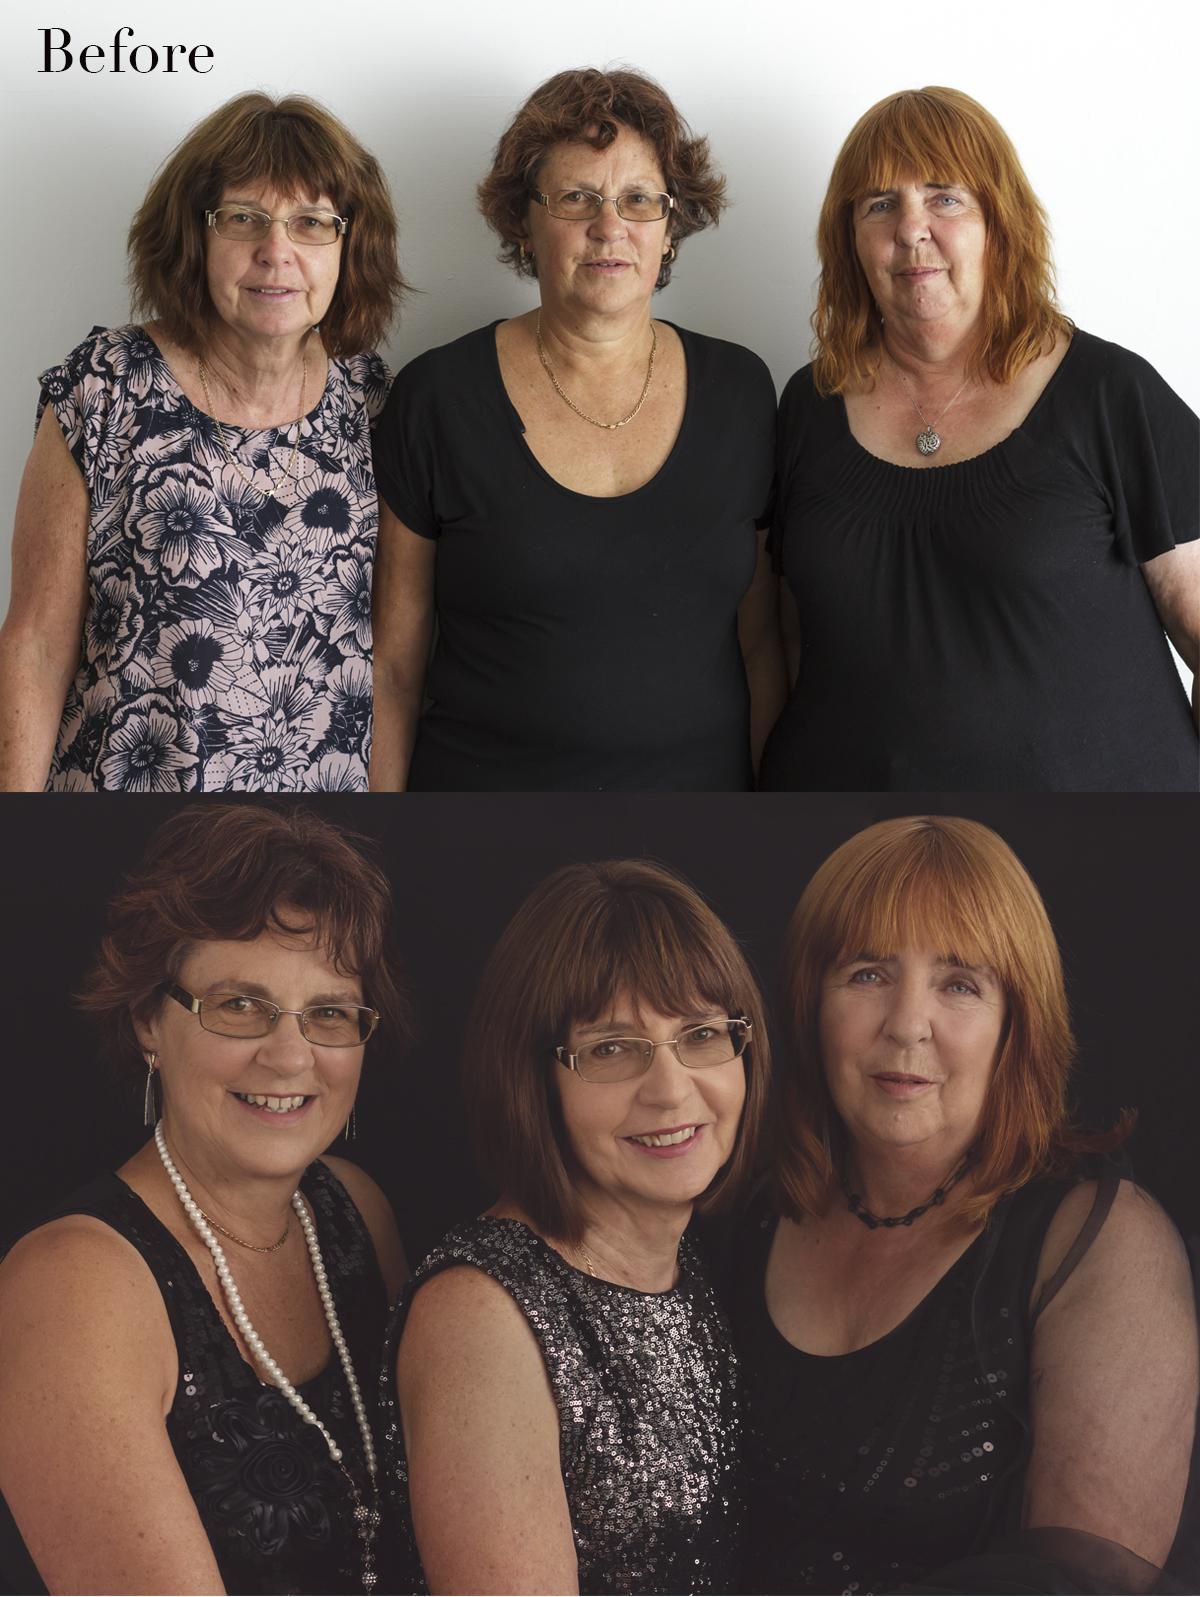 sarahlee-studio-waldron-sisters-three-bond